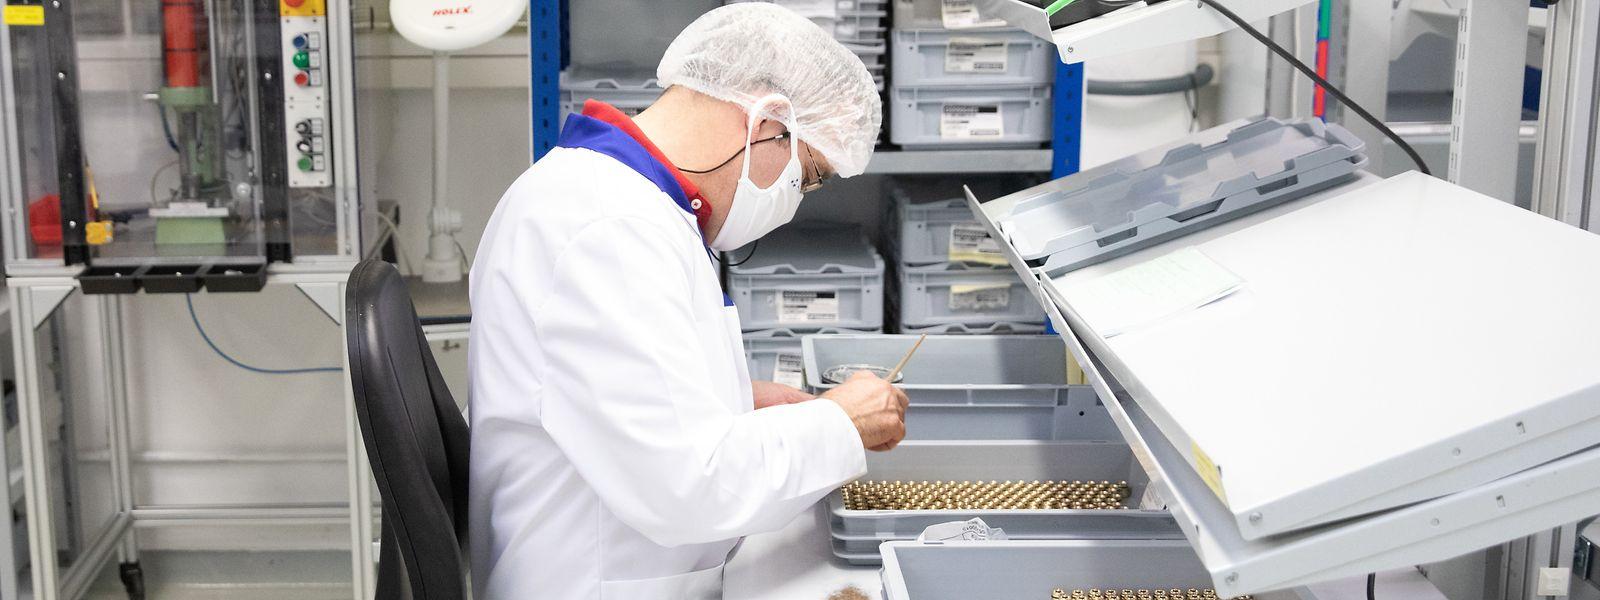 Die Firma Rotarex hat 2020 sechs Millionen Euro in Forschungs- und Entwicklungsprojekte investiert.